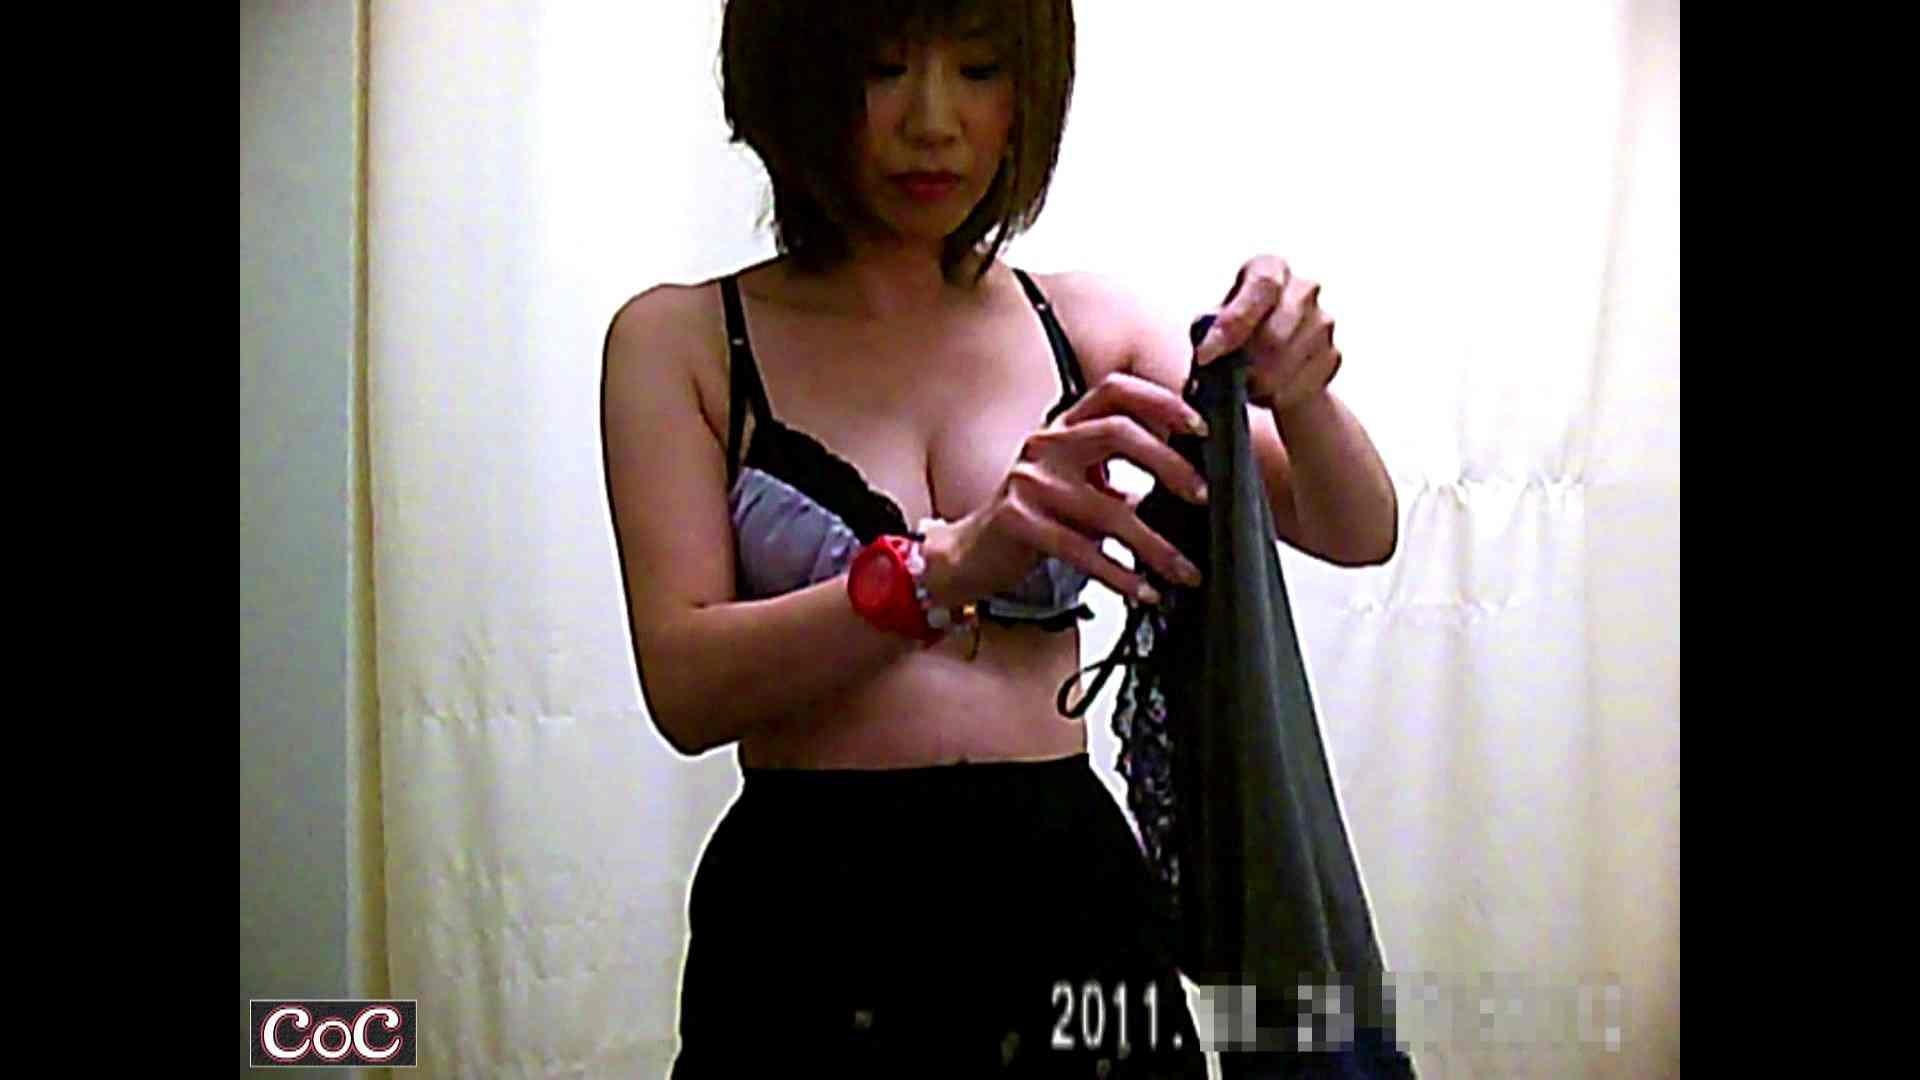 病院おもいっきり着替え! vol.18 盗撮 オメコ無修正動画無料 101連発 38